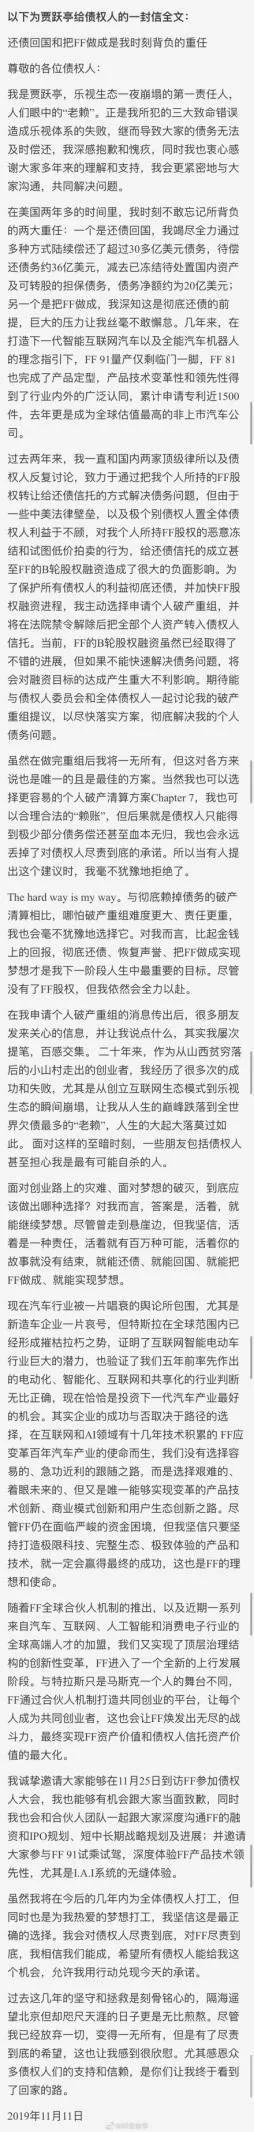 贾跃亭将举行债权人会议 届时将当面道歉